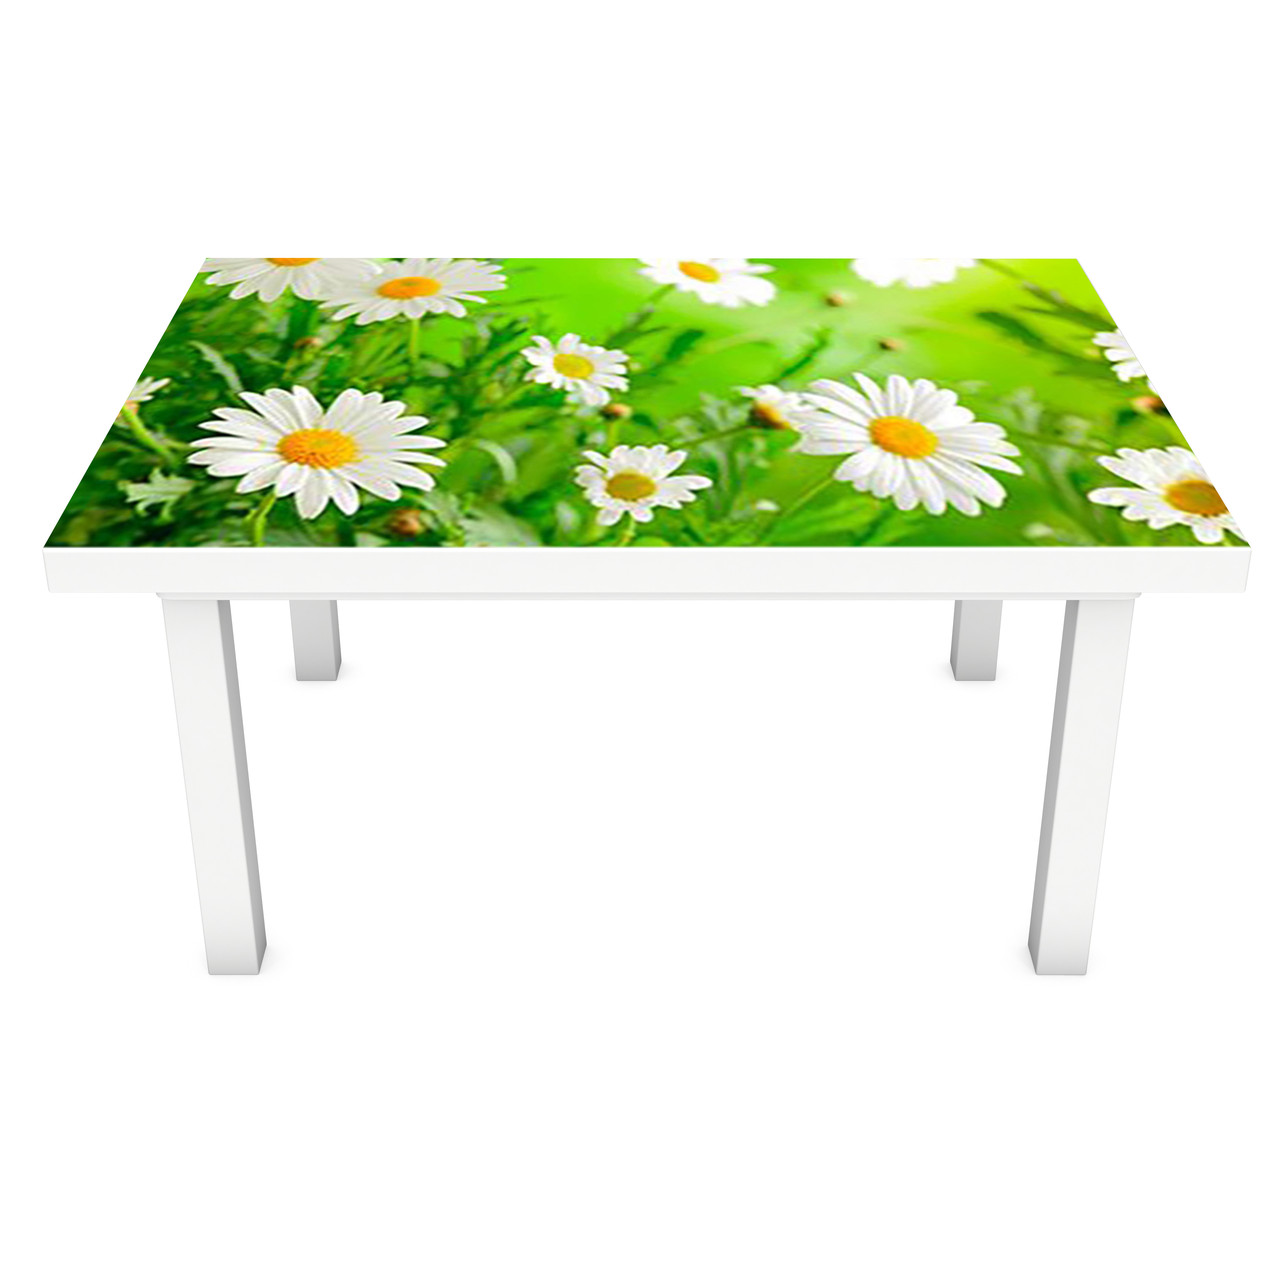 Наклейка на стол Живые Ромашки (3Д виниловая пленка ПВХ) Цветы Зеленый 600*1200 мм